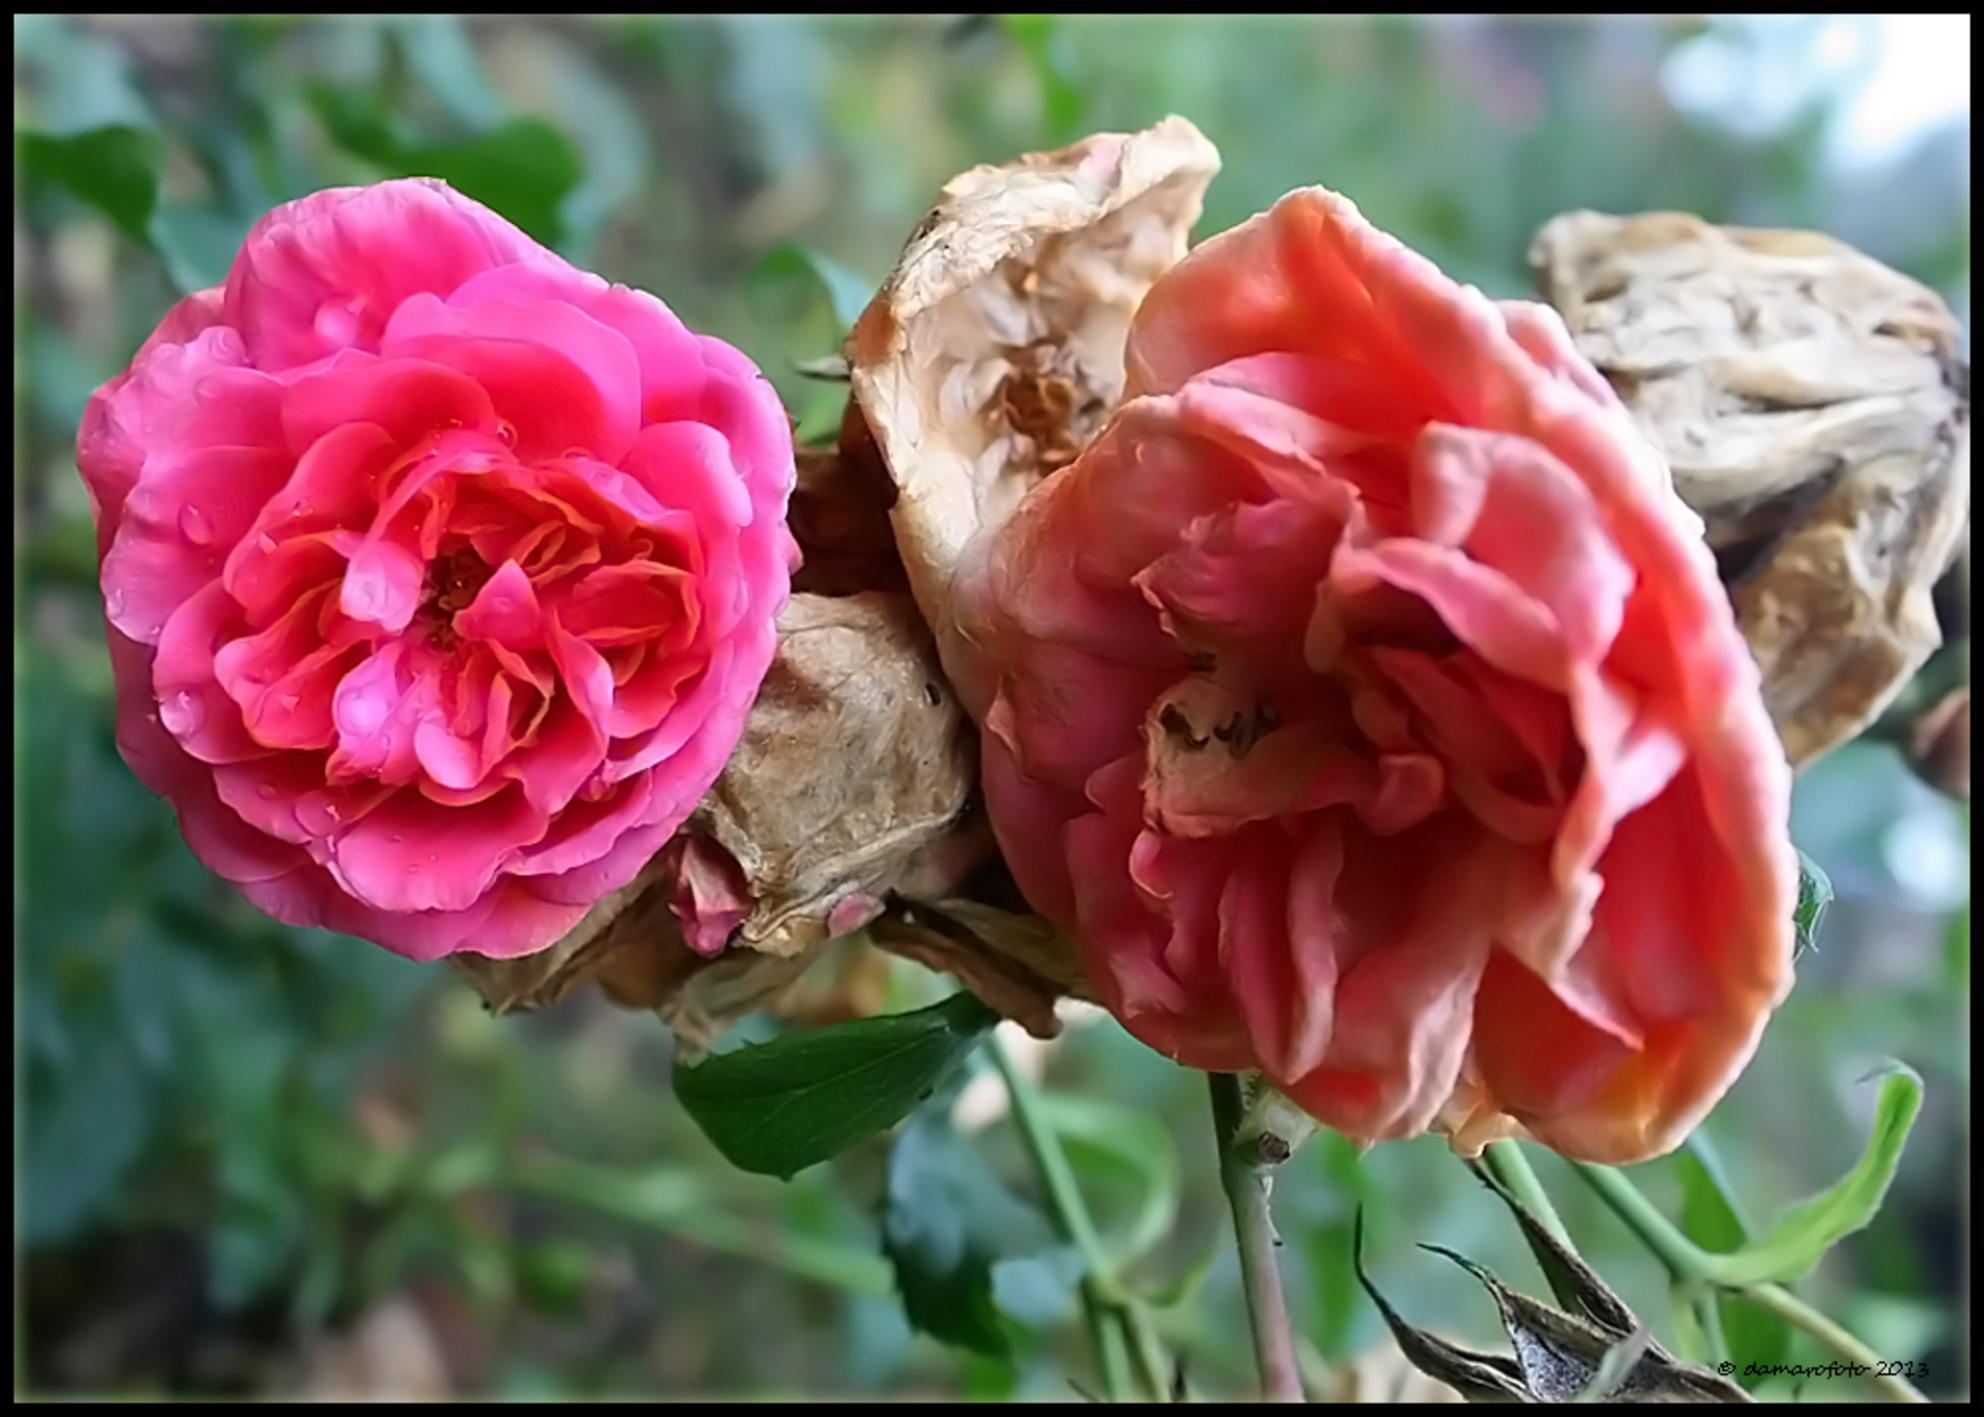 Vergankelijkheid - Foto gemaakt in het rosarium in het Wilhelminapark in Meppel. groet, Jean. - foto door Damarofoto op 17-10-2013 - deze foto bevat: roze, roos, rozen, rose, jean, meppel, vergankelijkheid